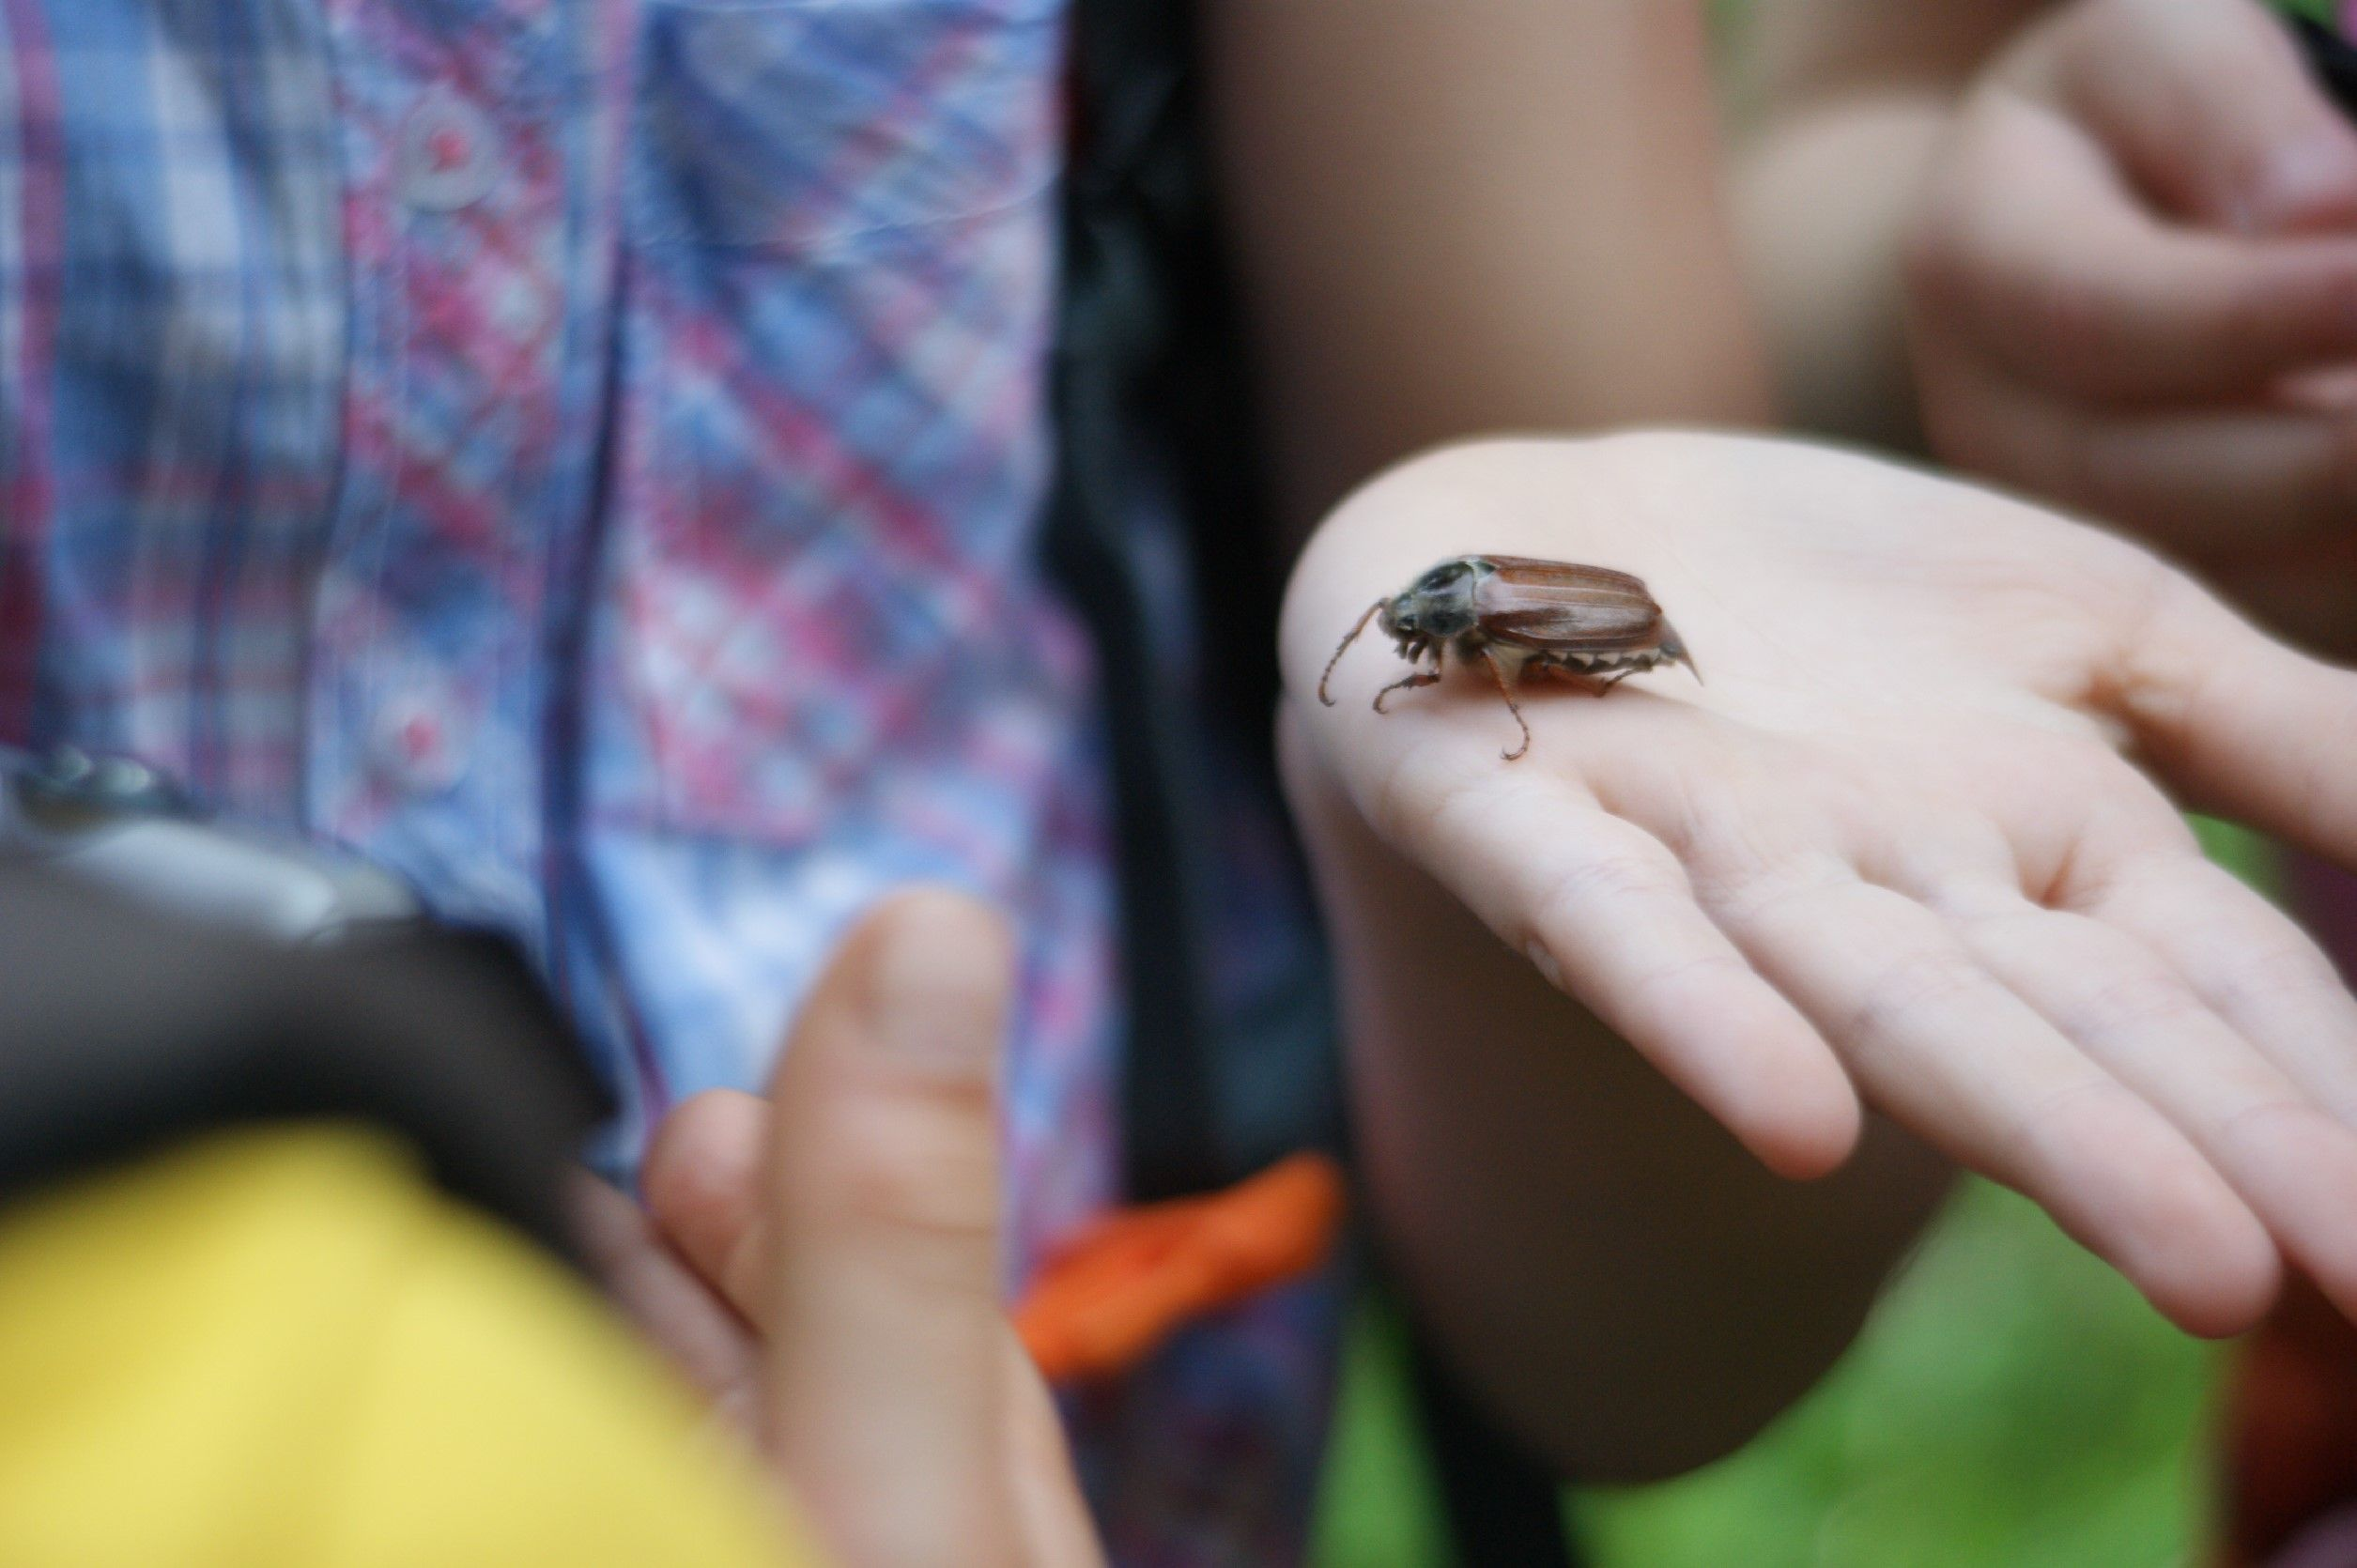 Ein Käfer sitzt auf der Hand eines Kindes